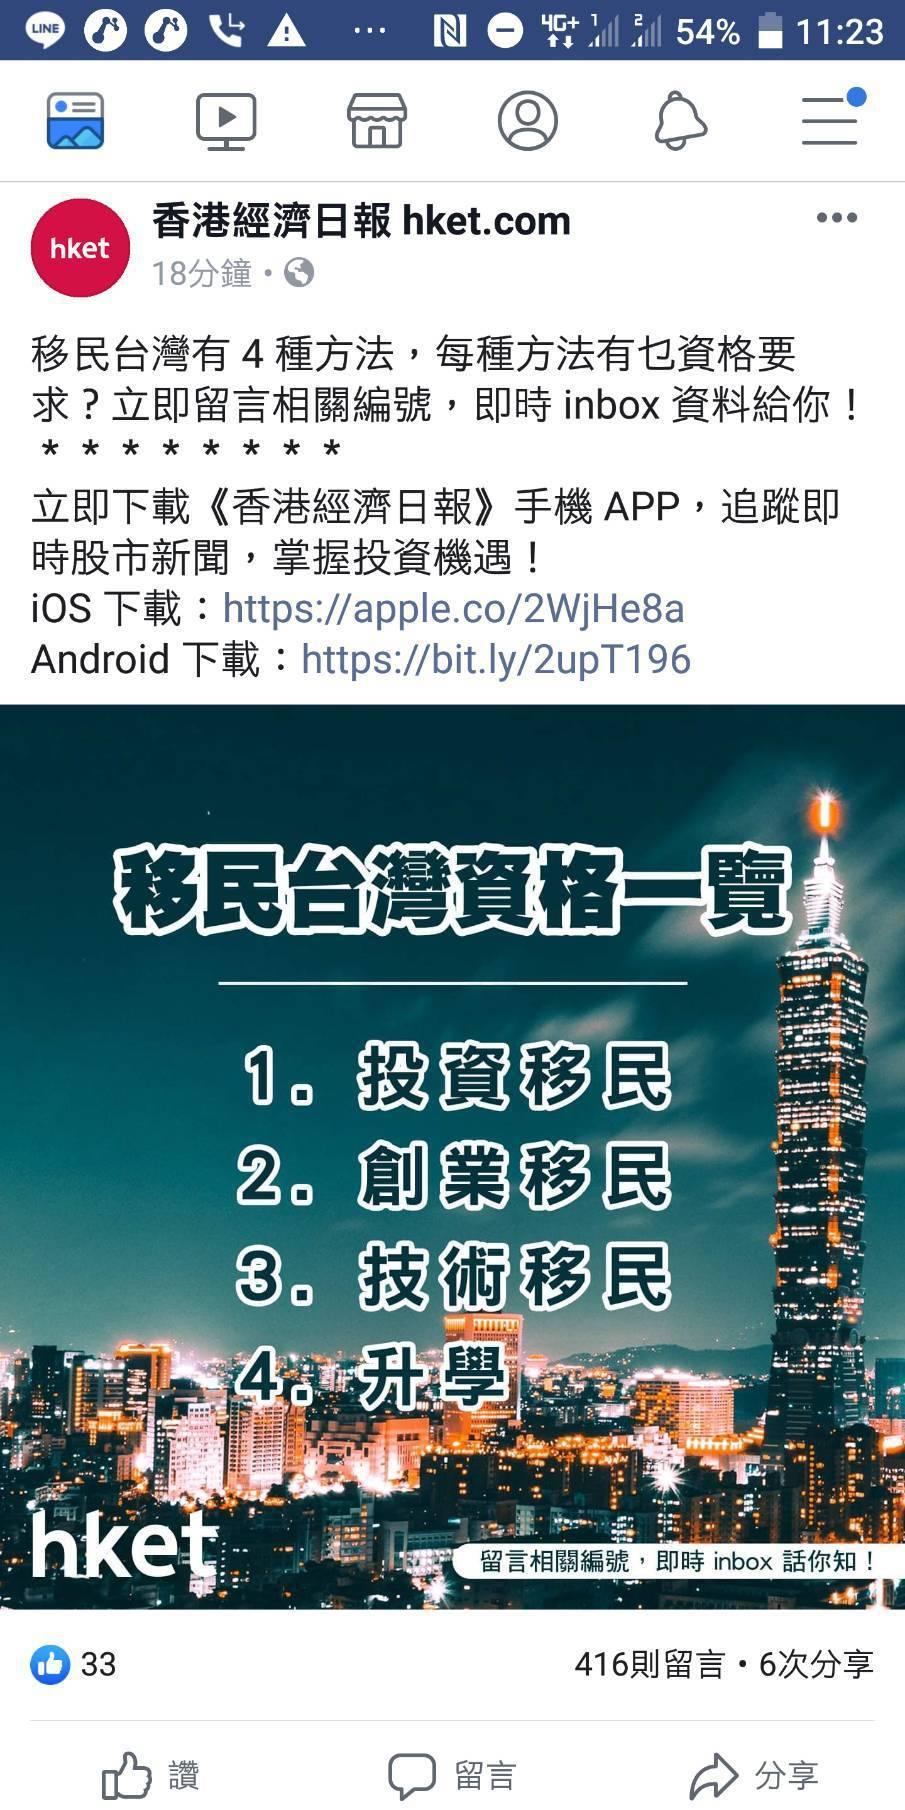 香港經濟日報製作移民台灣懶人包。圖翻攝自香港經濟日報臉書